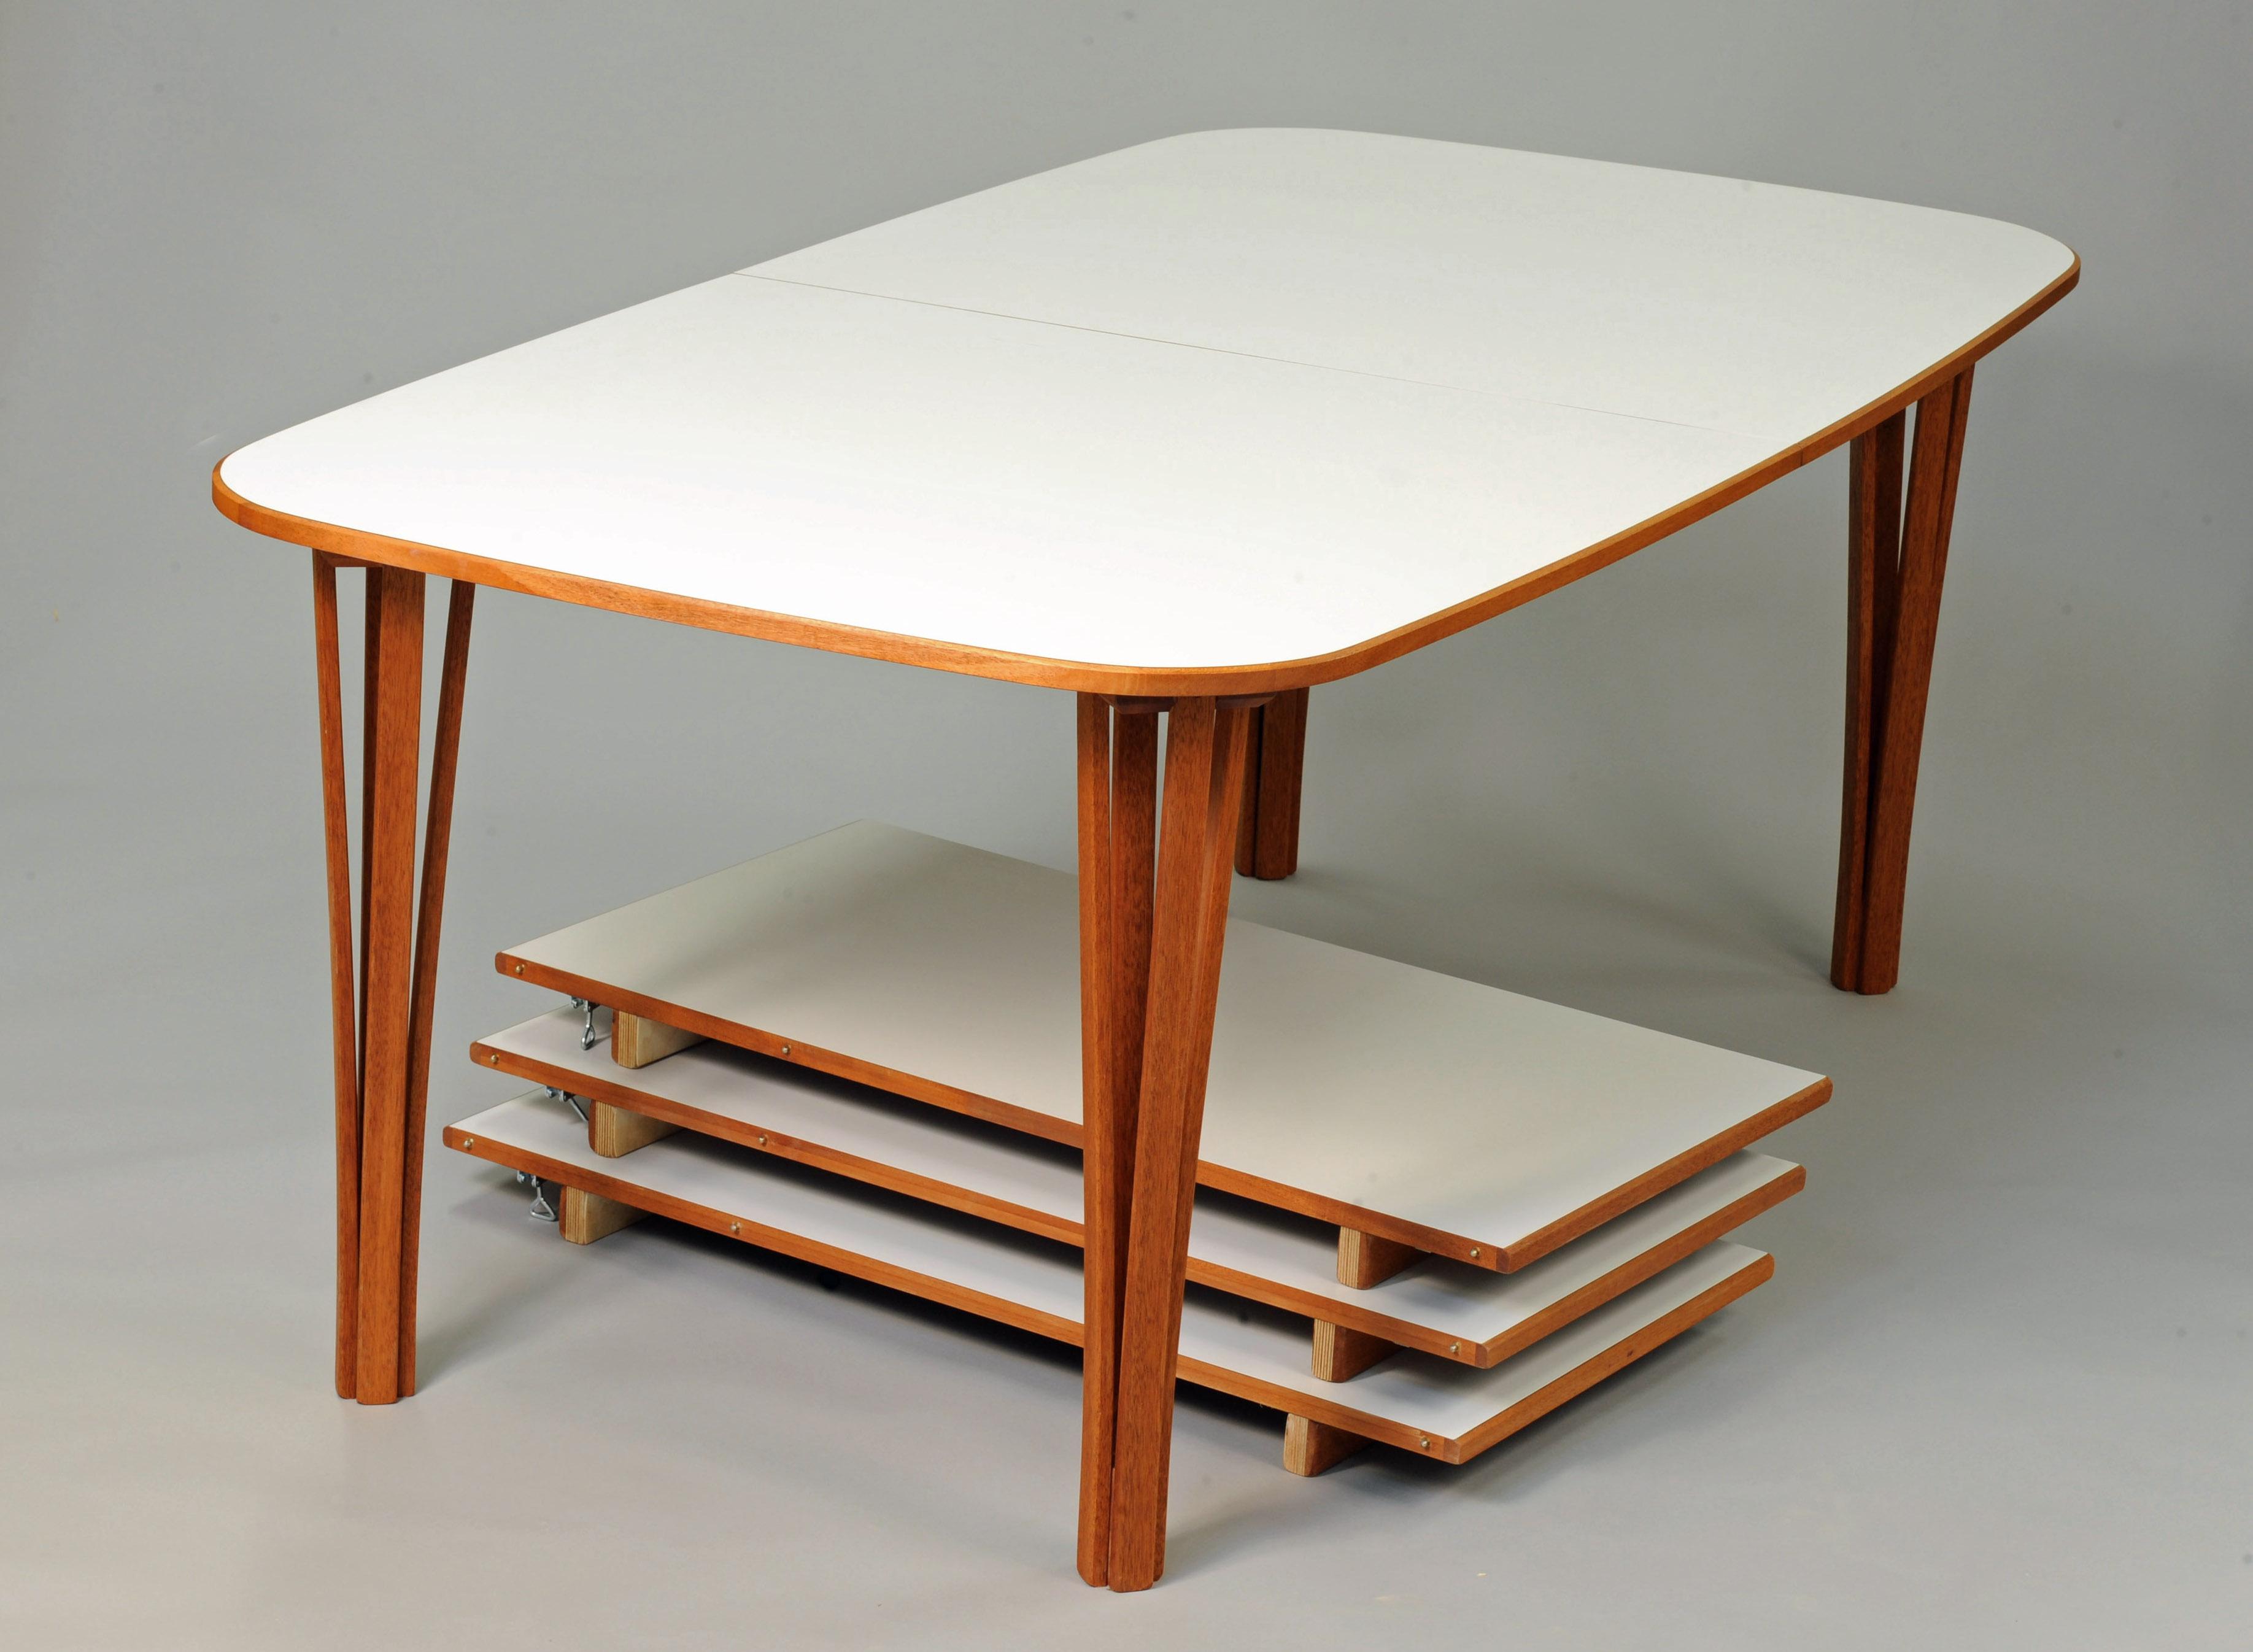 Ovalt Matbord Med Iläggsskiva Kakel Till Kök Och Badrum